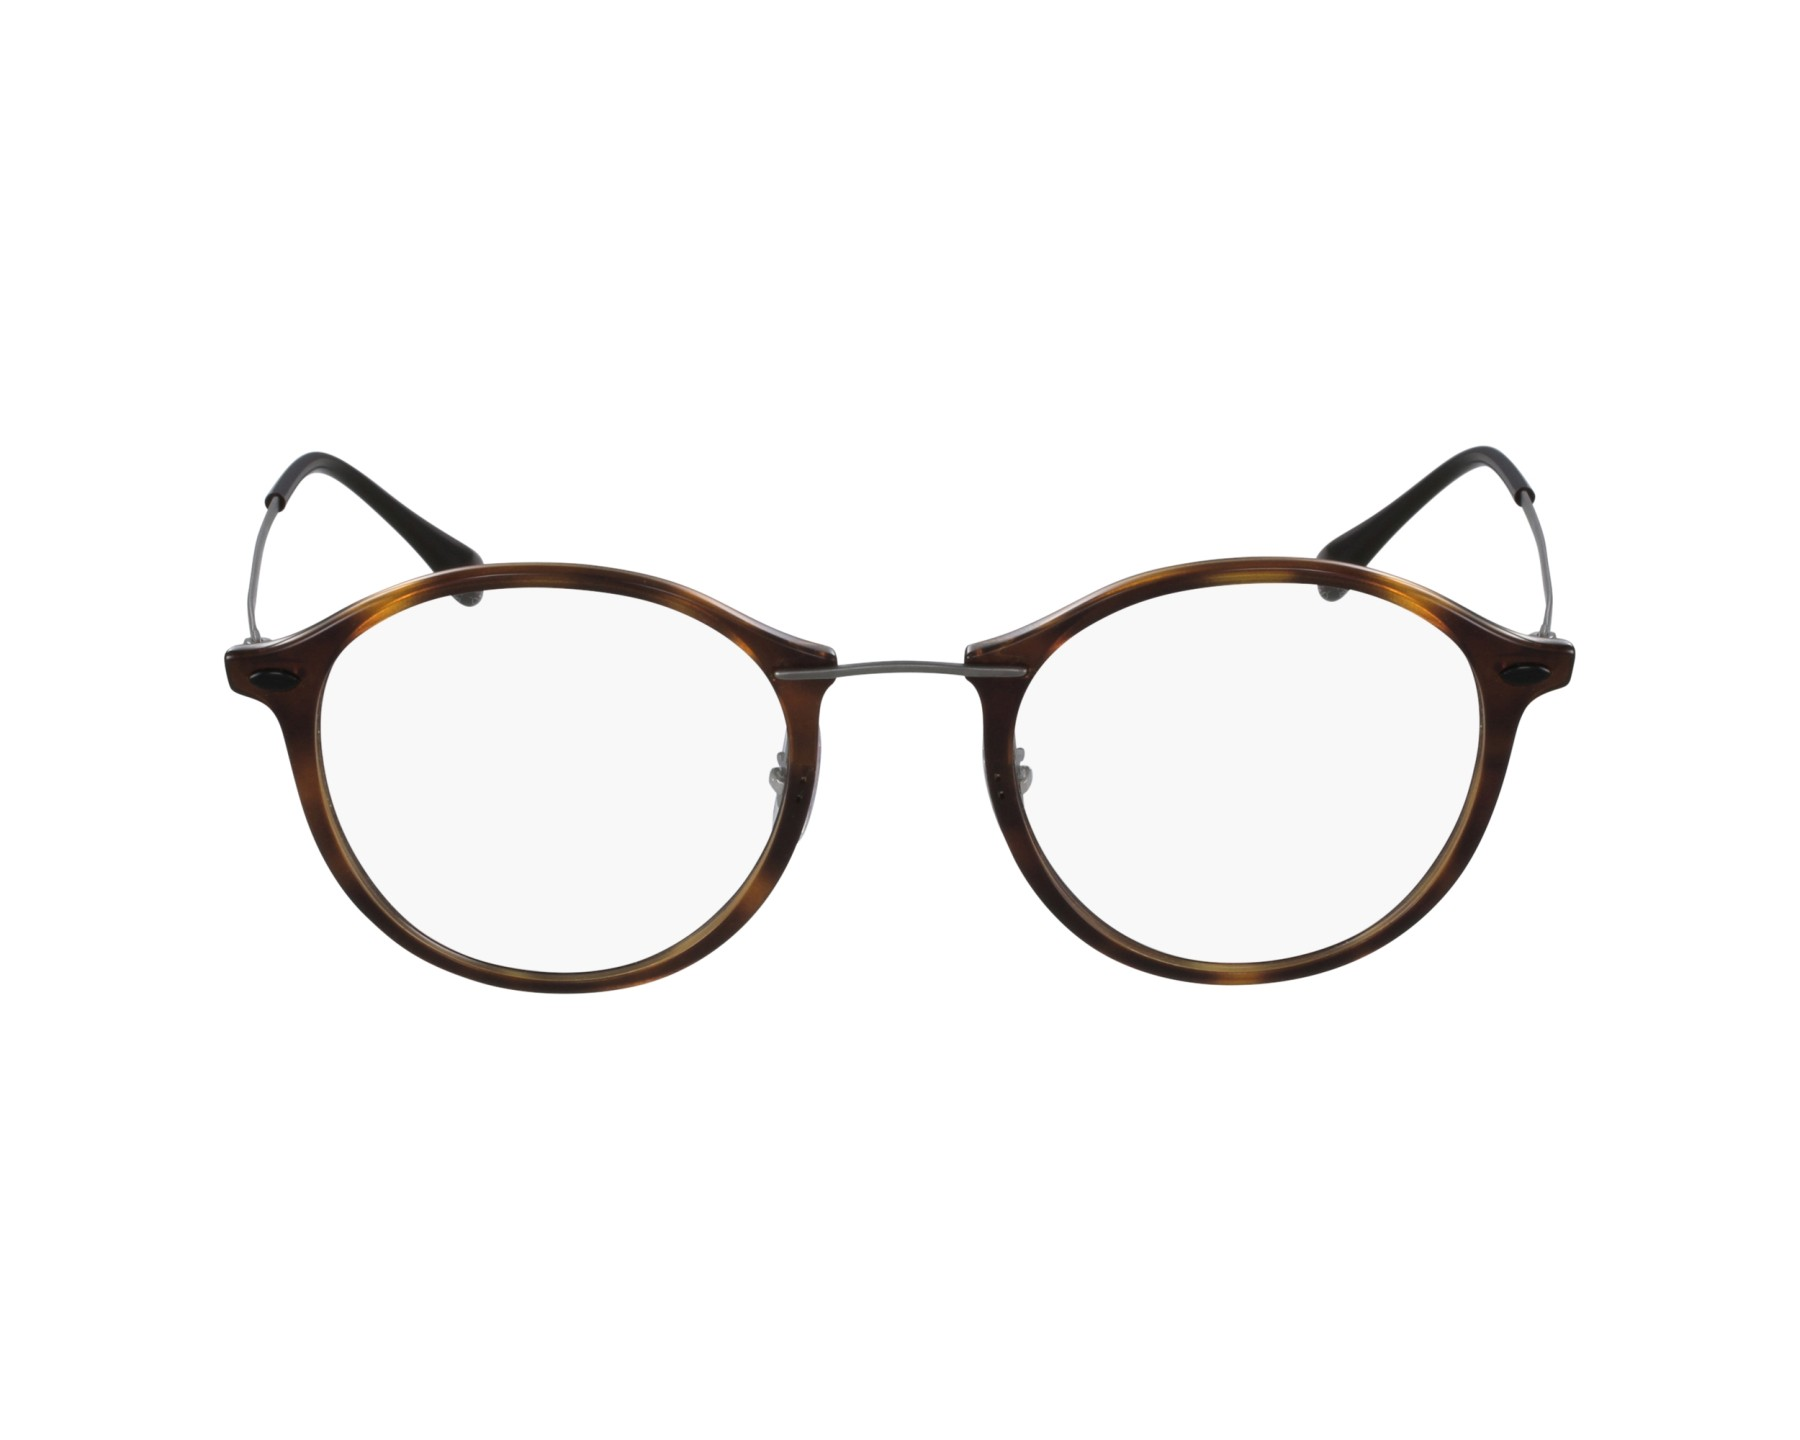 kaufen sie ihre ray ban brille rx 7073 5588 online visionet. Black Bedroom Furniture Sets. Home Design Ideas